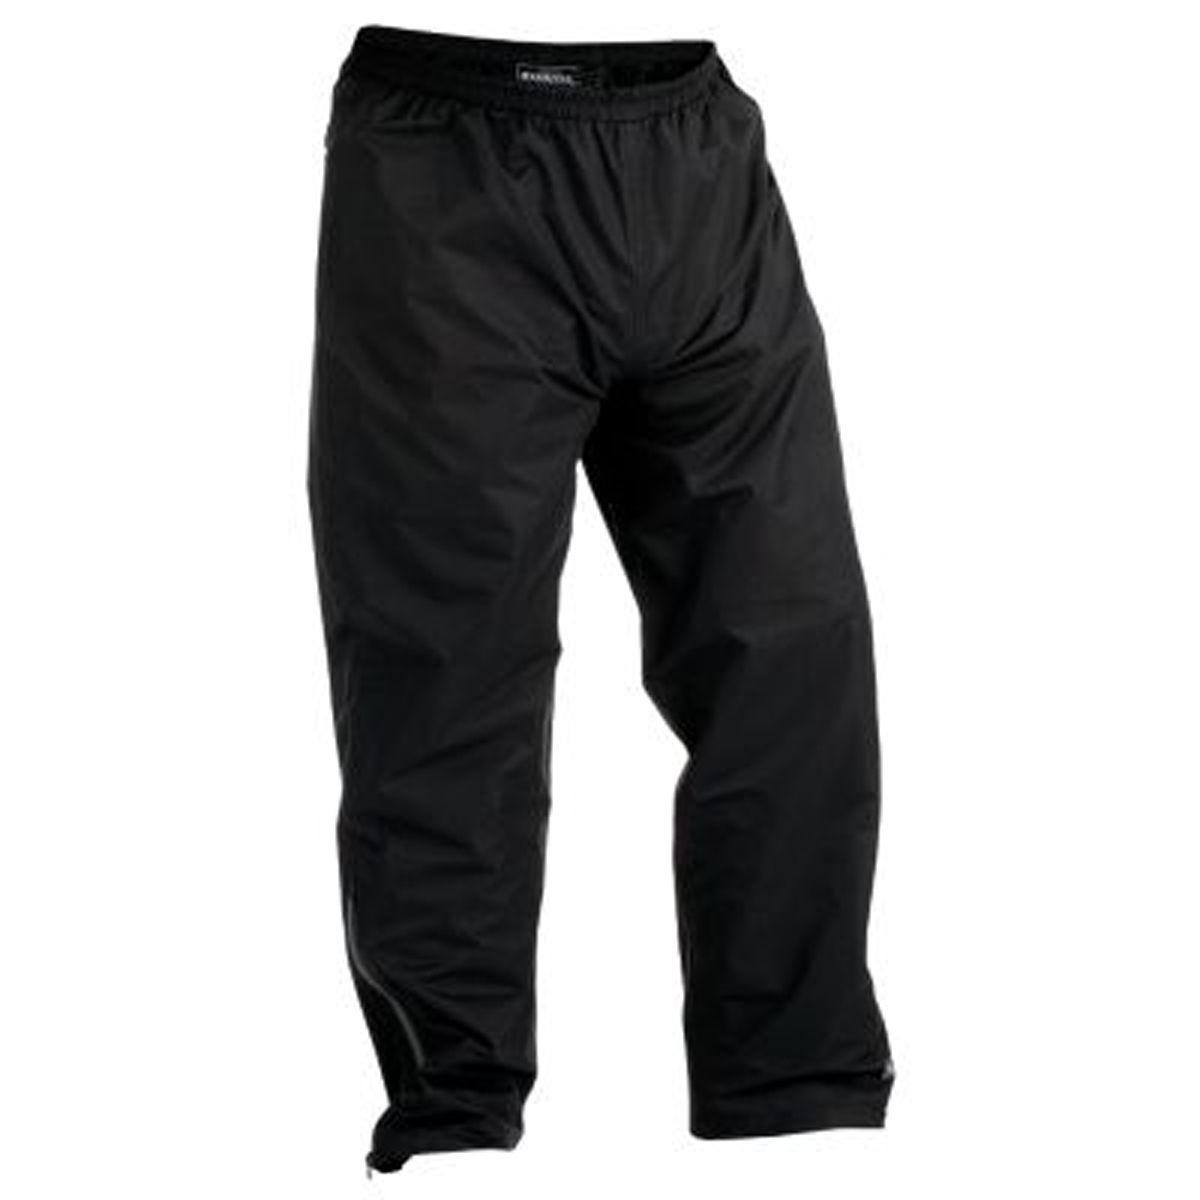 Stearns Men's Nomad Microfiber Pant PartNumber: 00685227000P KsnValue: 00685227000 MfgPartNumber: 8649BLK-05-000